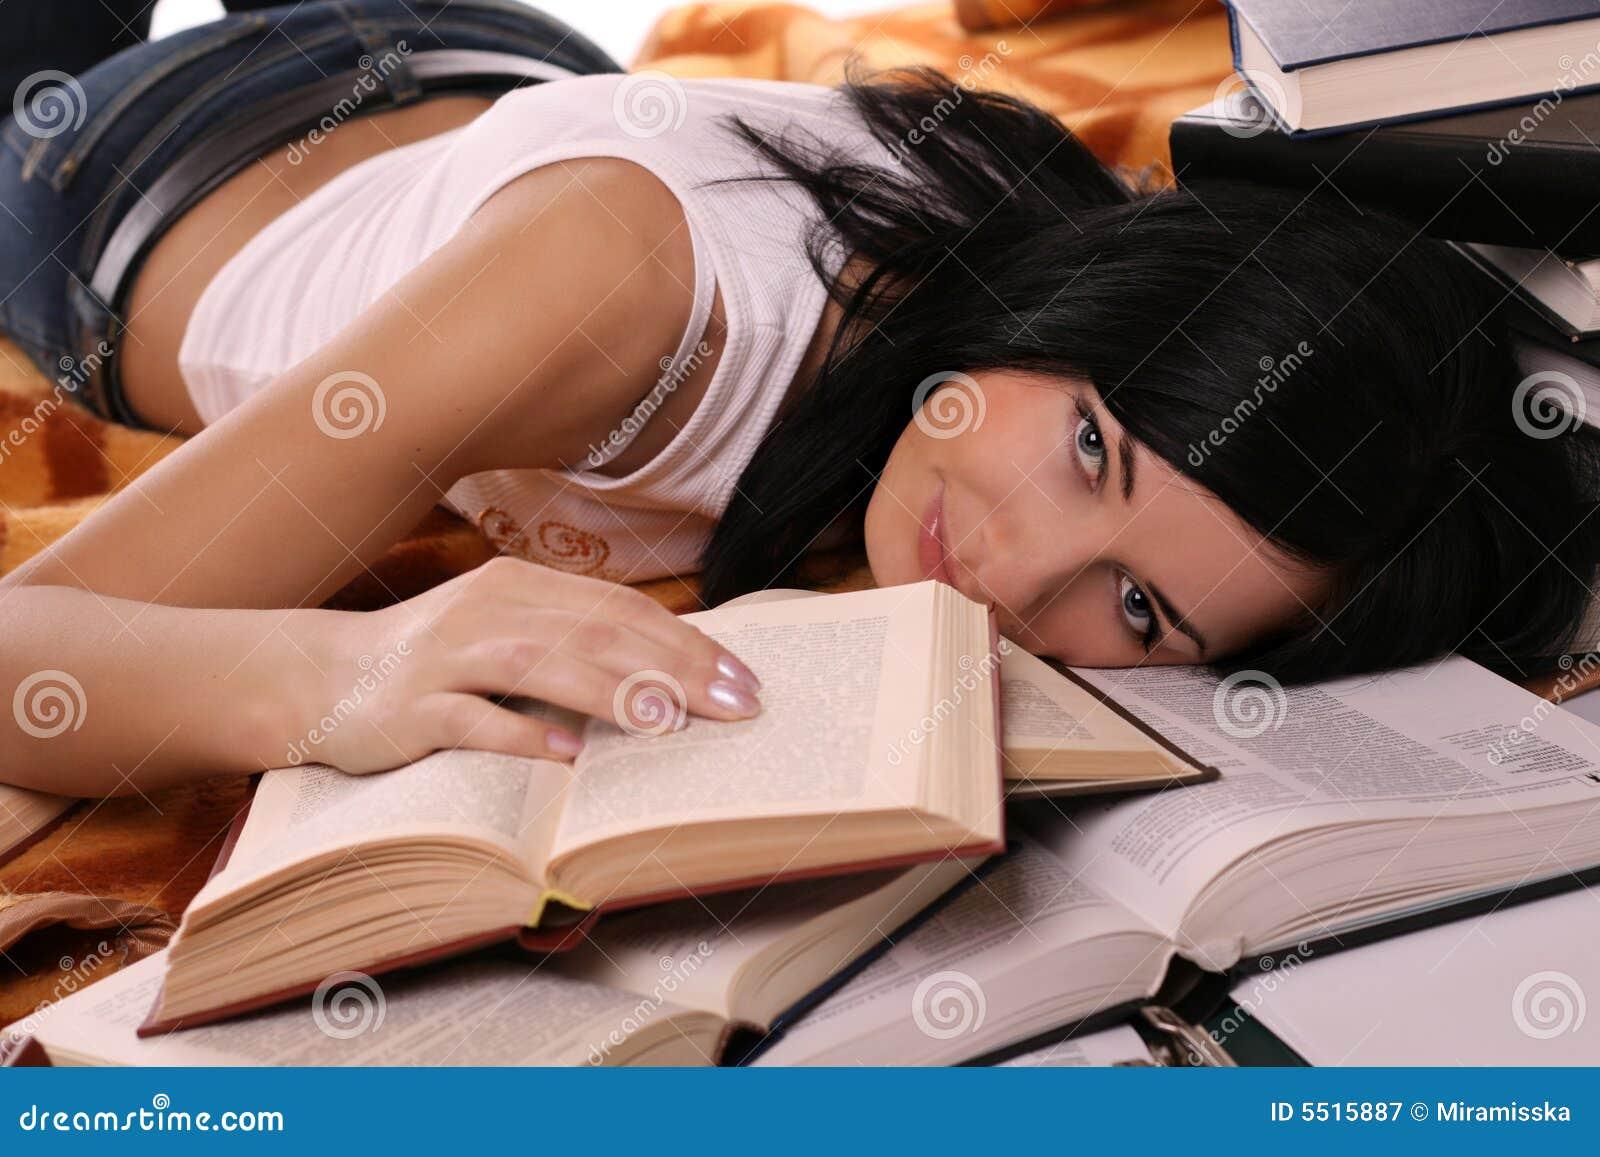 Студентки на экзамене онлайн 14 фотография